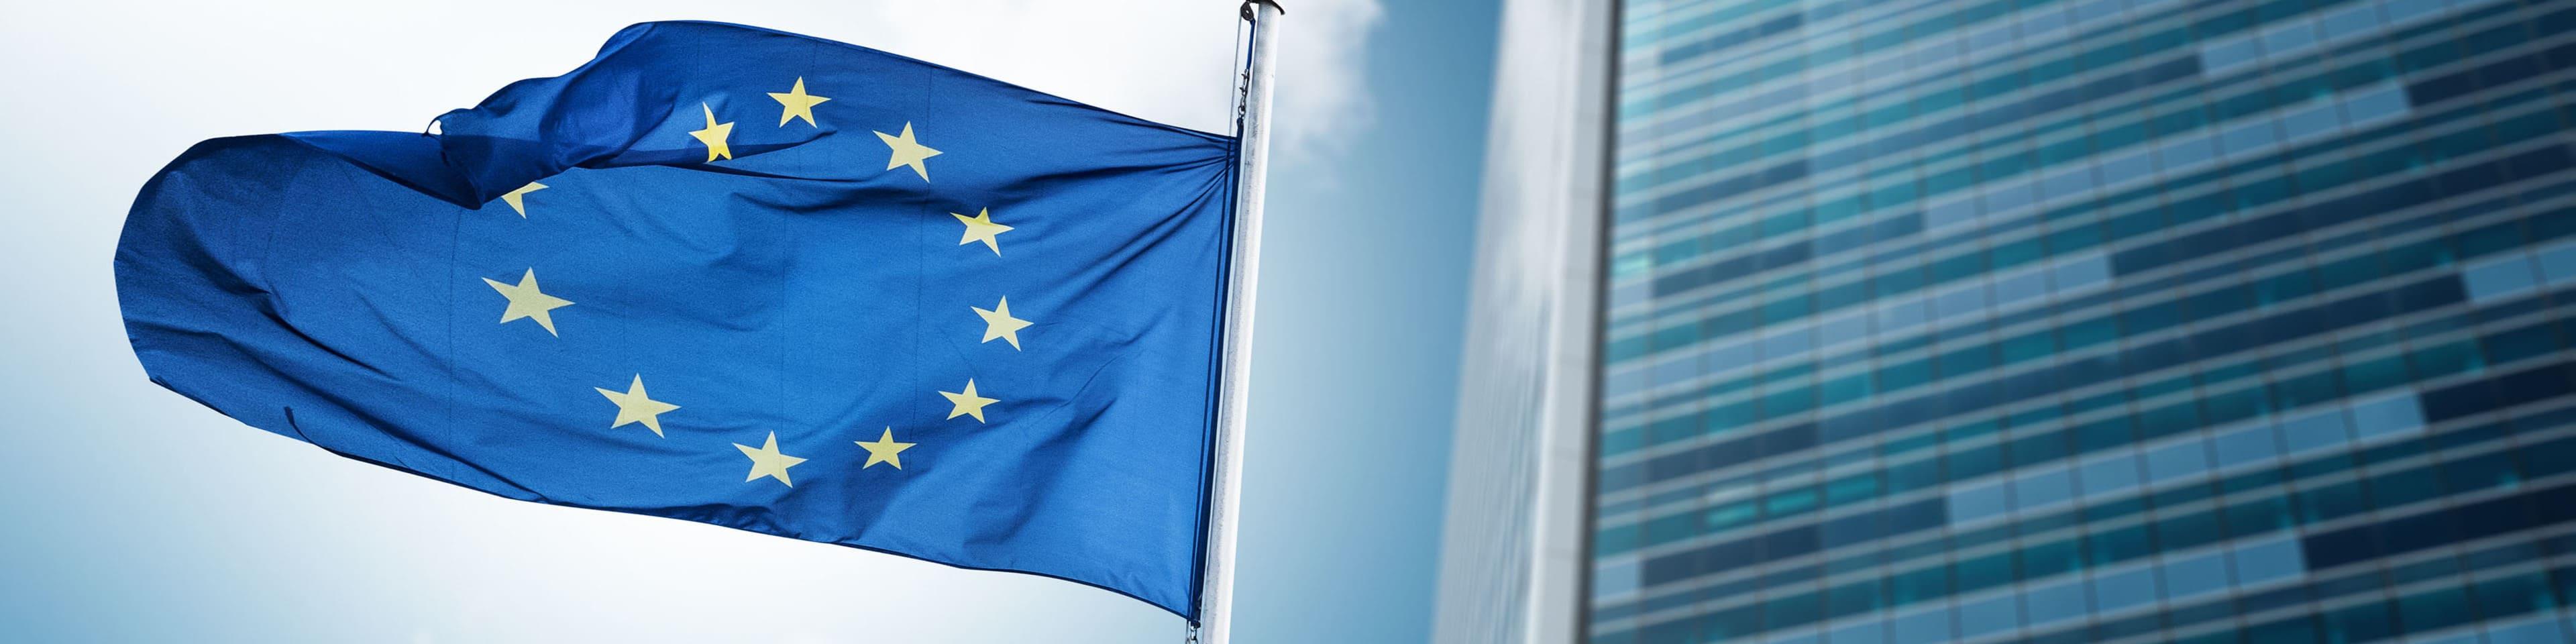 Brexit handel - Checklist voor accountants